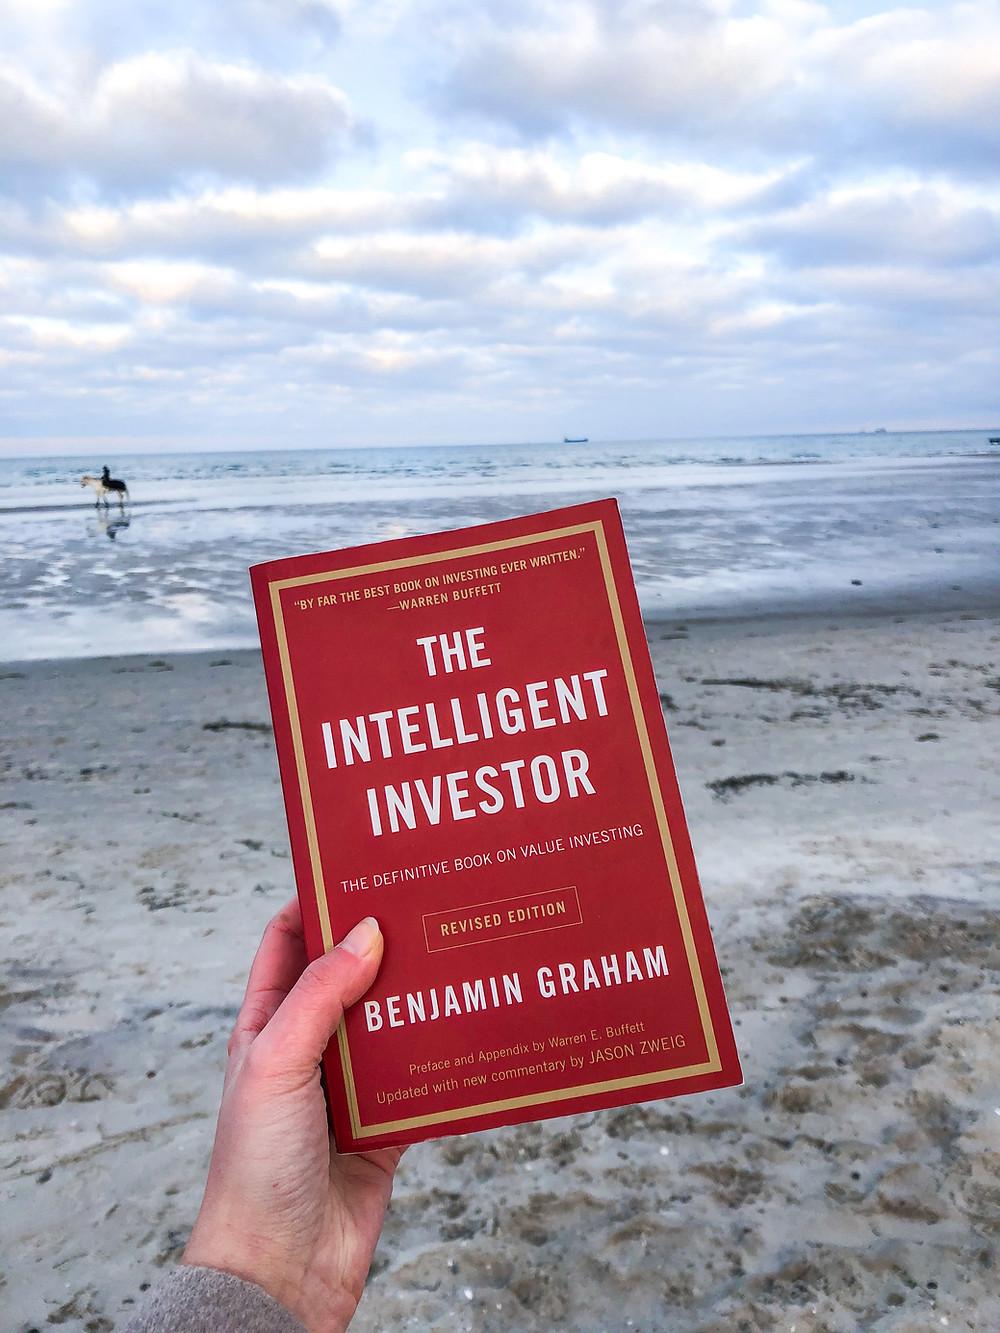 Der Intelligente Investor stellt die Absolute Grundlage des Value Investings dar und sollte von jedem gelesen werden, der sich für Fundamentalanalyse von Aktien und die Börse interessiert.